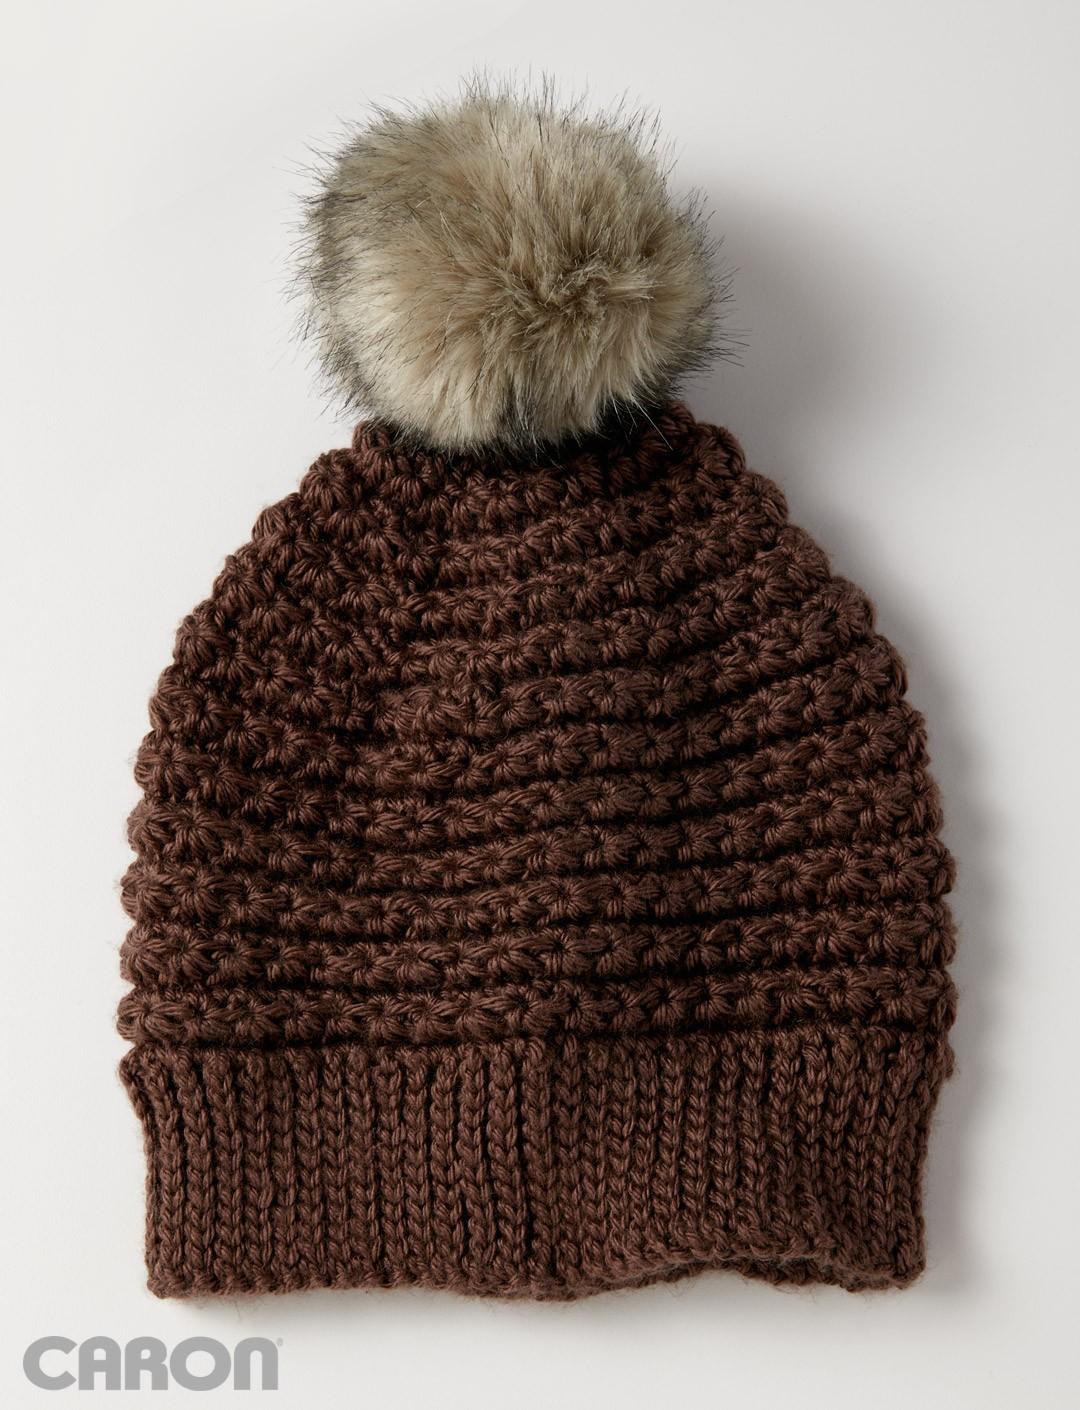 beanie crochet pattern 5 star beanie wvpmlqt